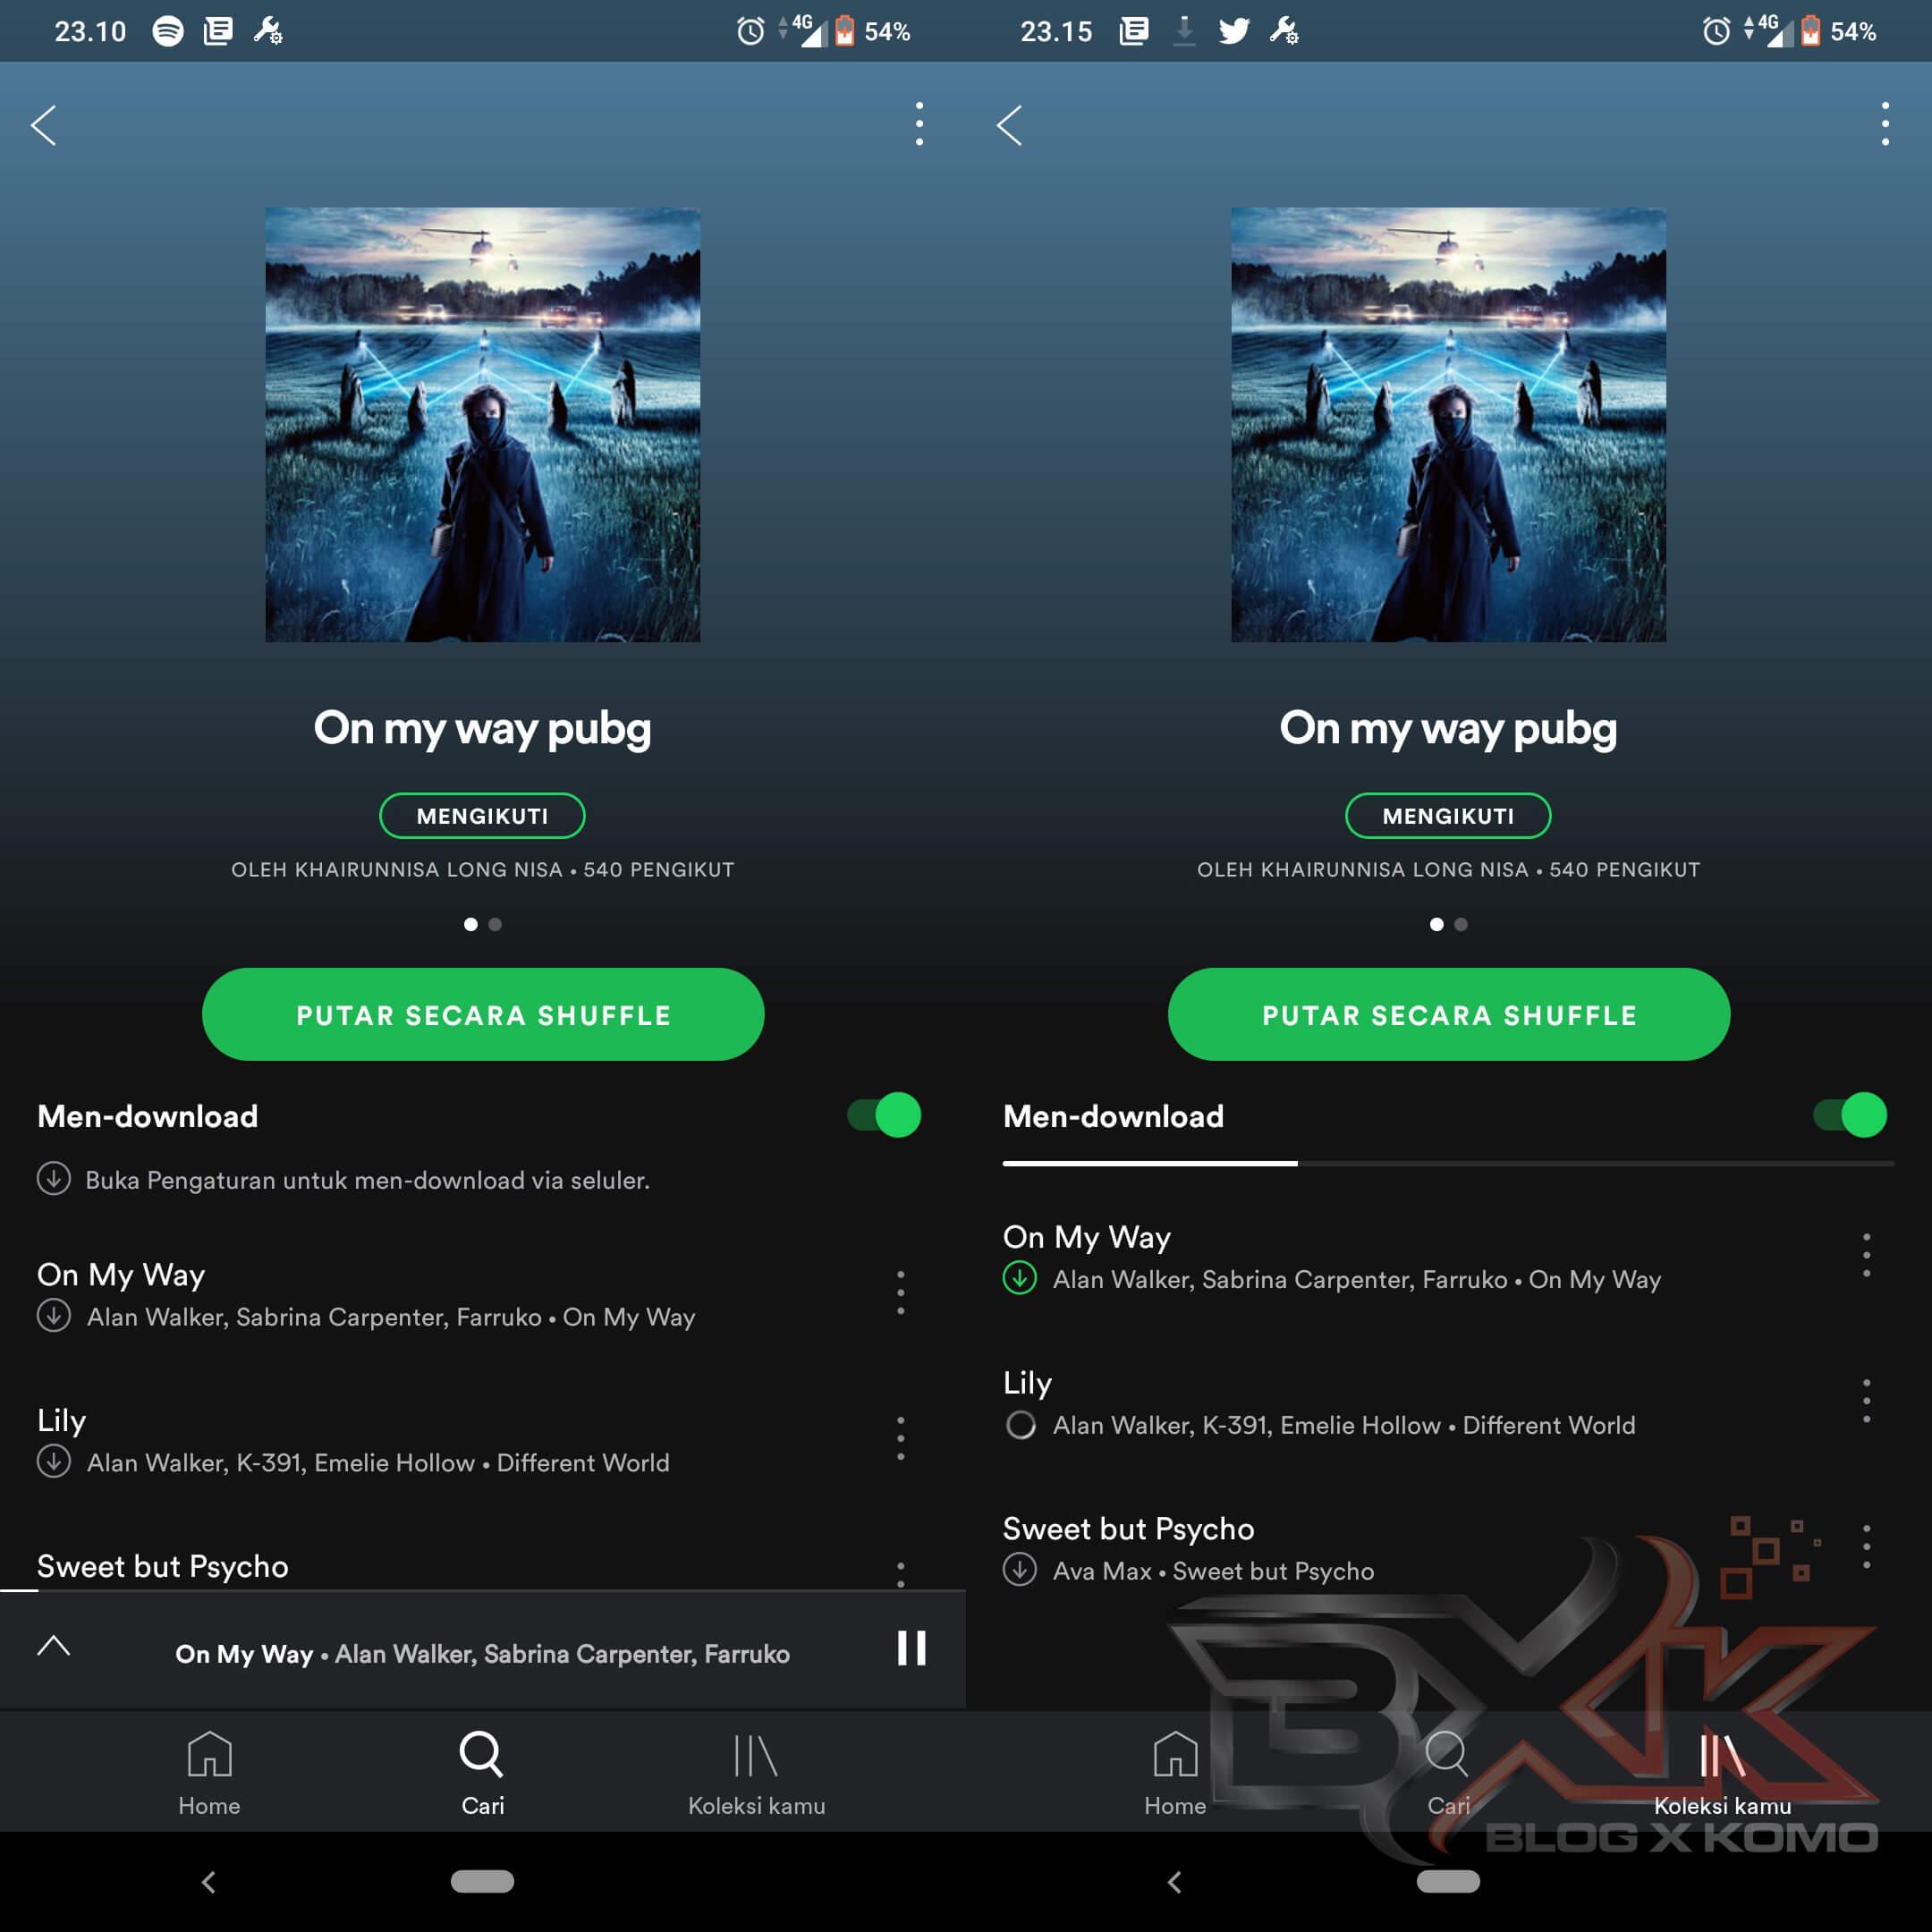 Cara Download Lagu di Spotify - Mengunduh Lagu